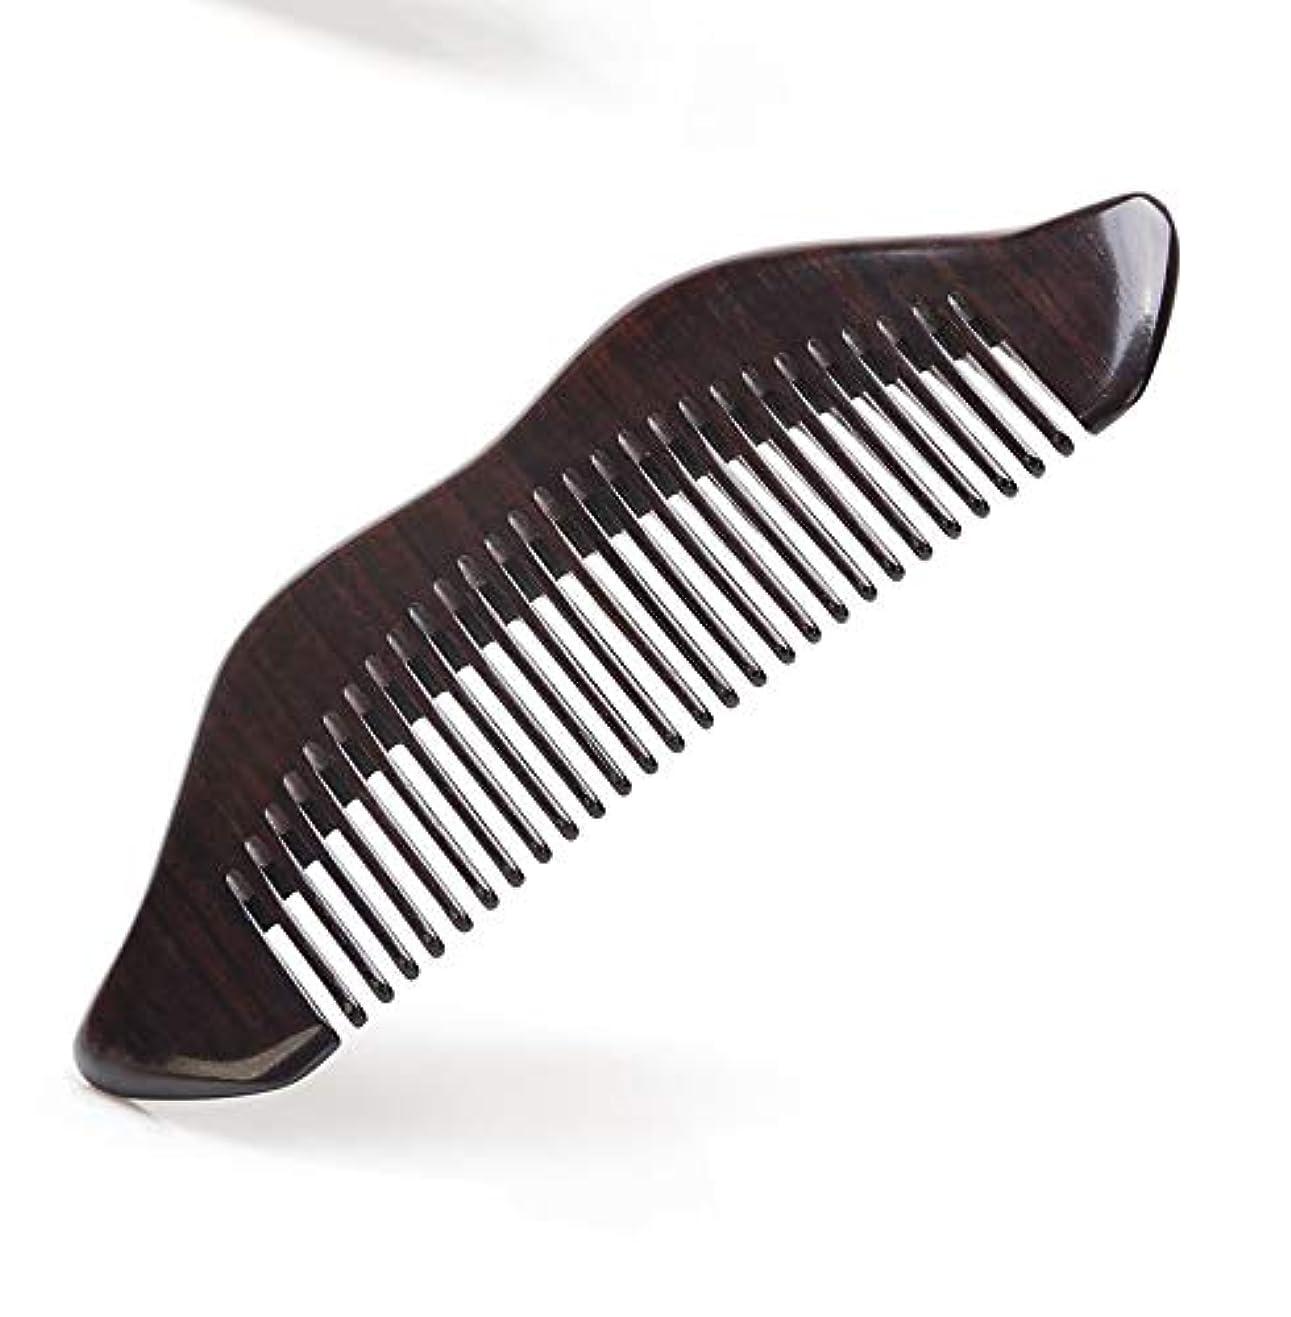 ケントコンテンツ願望新しい携帯用小型毛の帯電防止良い歯の櫛/黒檀の櫛 モデリングツール (色 : 黒)